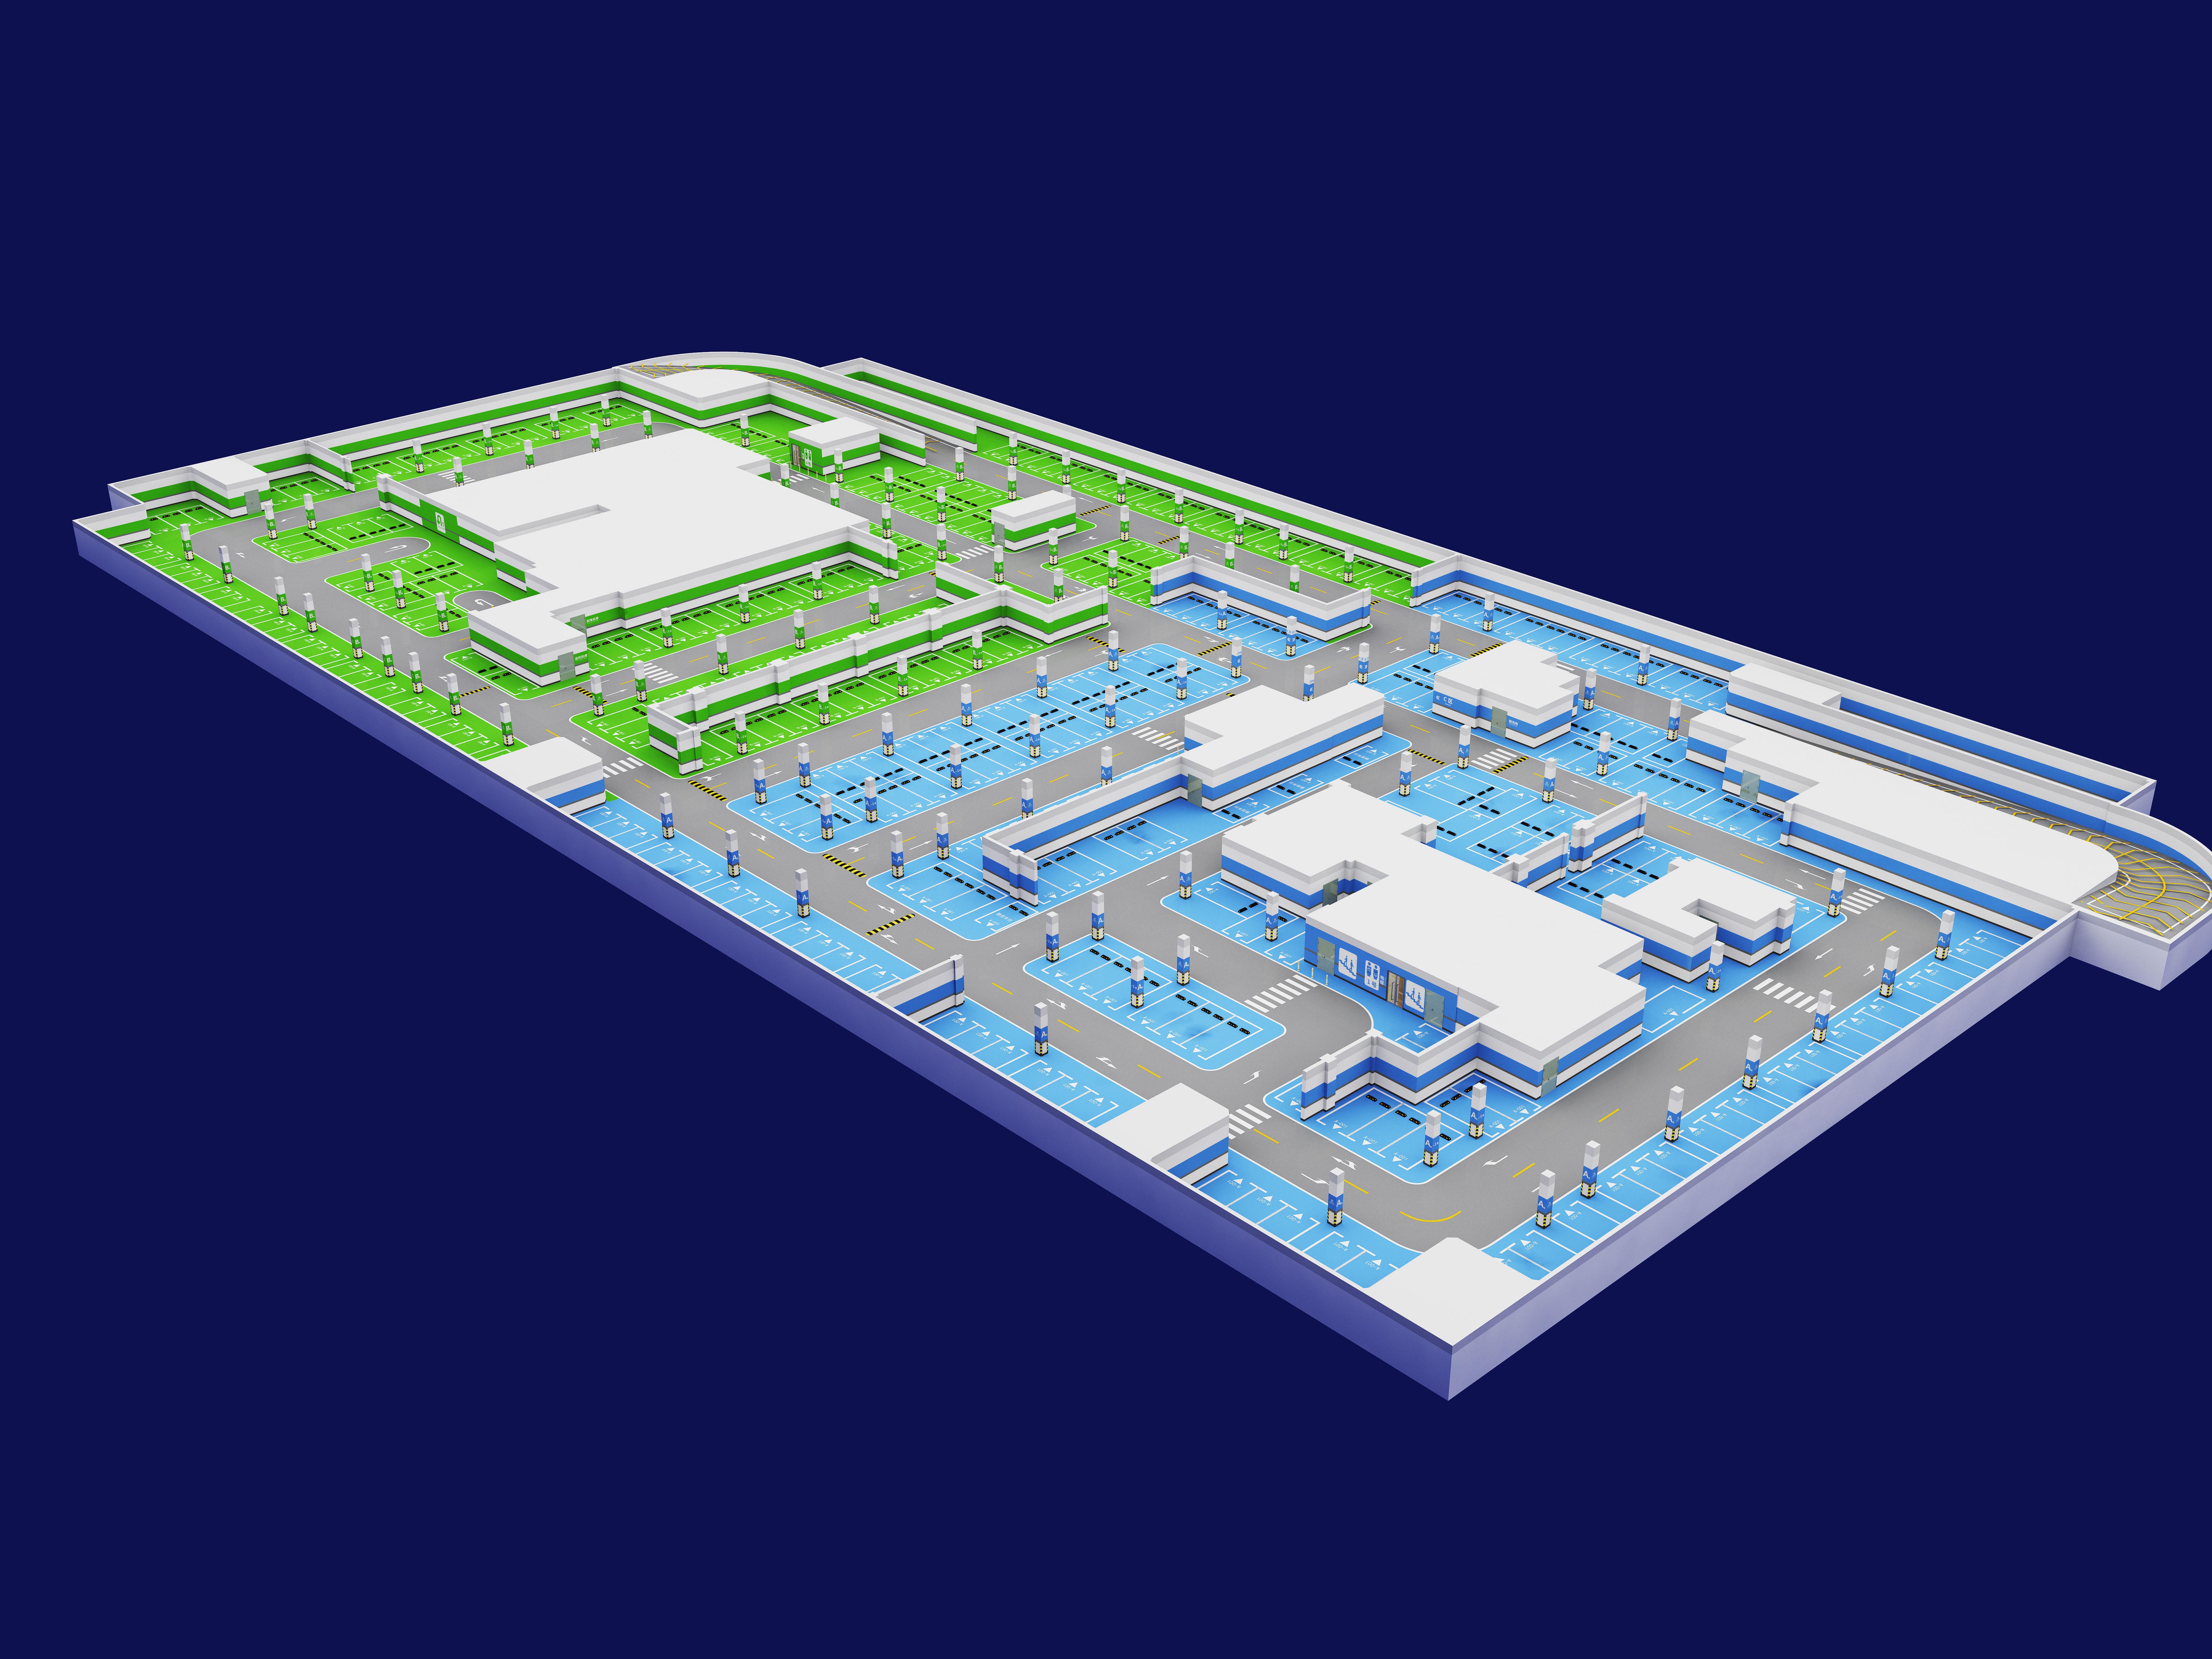 深圳哪里有专业停车场3d规划 深圳停车场3D规划设施工 深圳停车场3D规划设施工 停车场3D规划设计定制